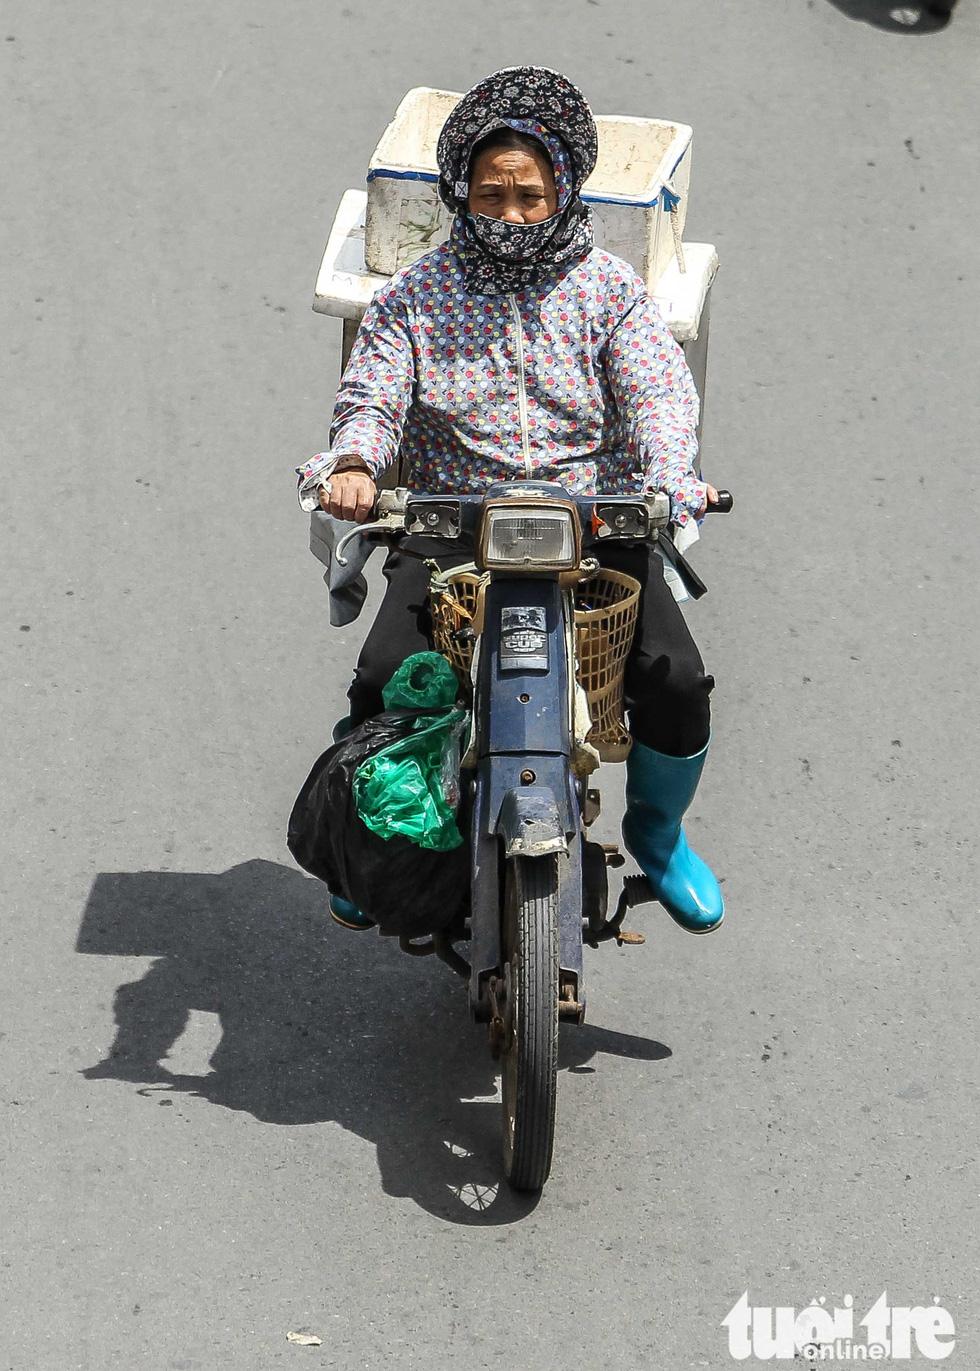 Xe máy phế liệu nhả khói đen, chở hàng cồng kềnh trên phố Hà Nội - Ảnh 3.